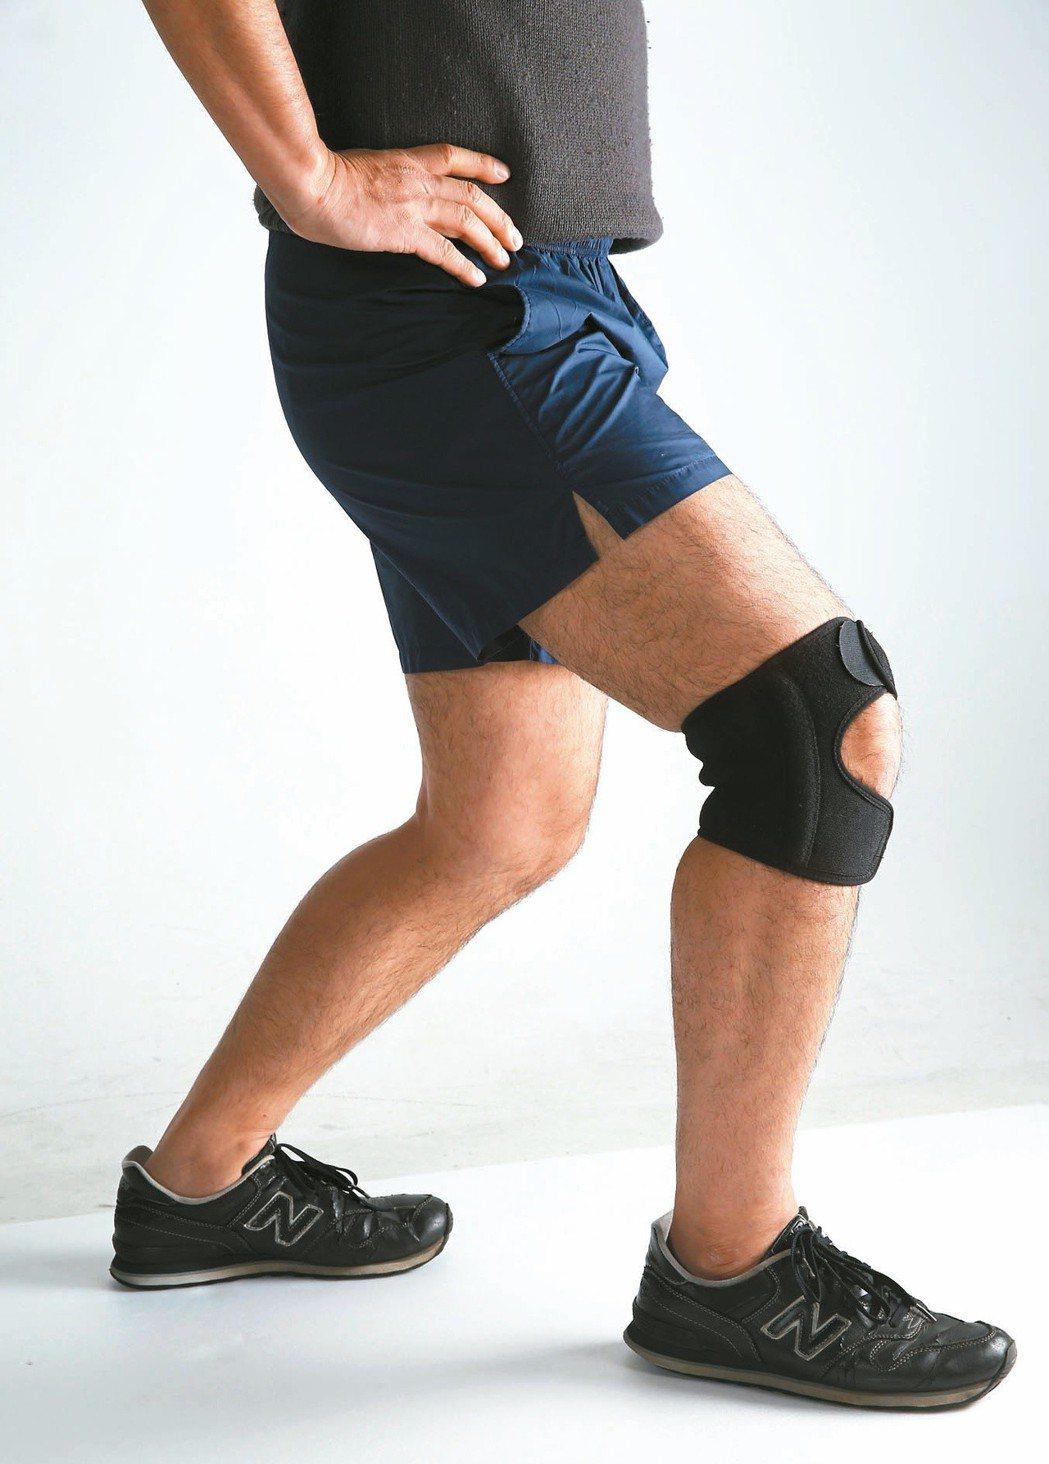 醫師表示,只要關節沒有發炎腫痛,運動仍是膝關節保養及強化骨質密度的最有效處方,做...